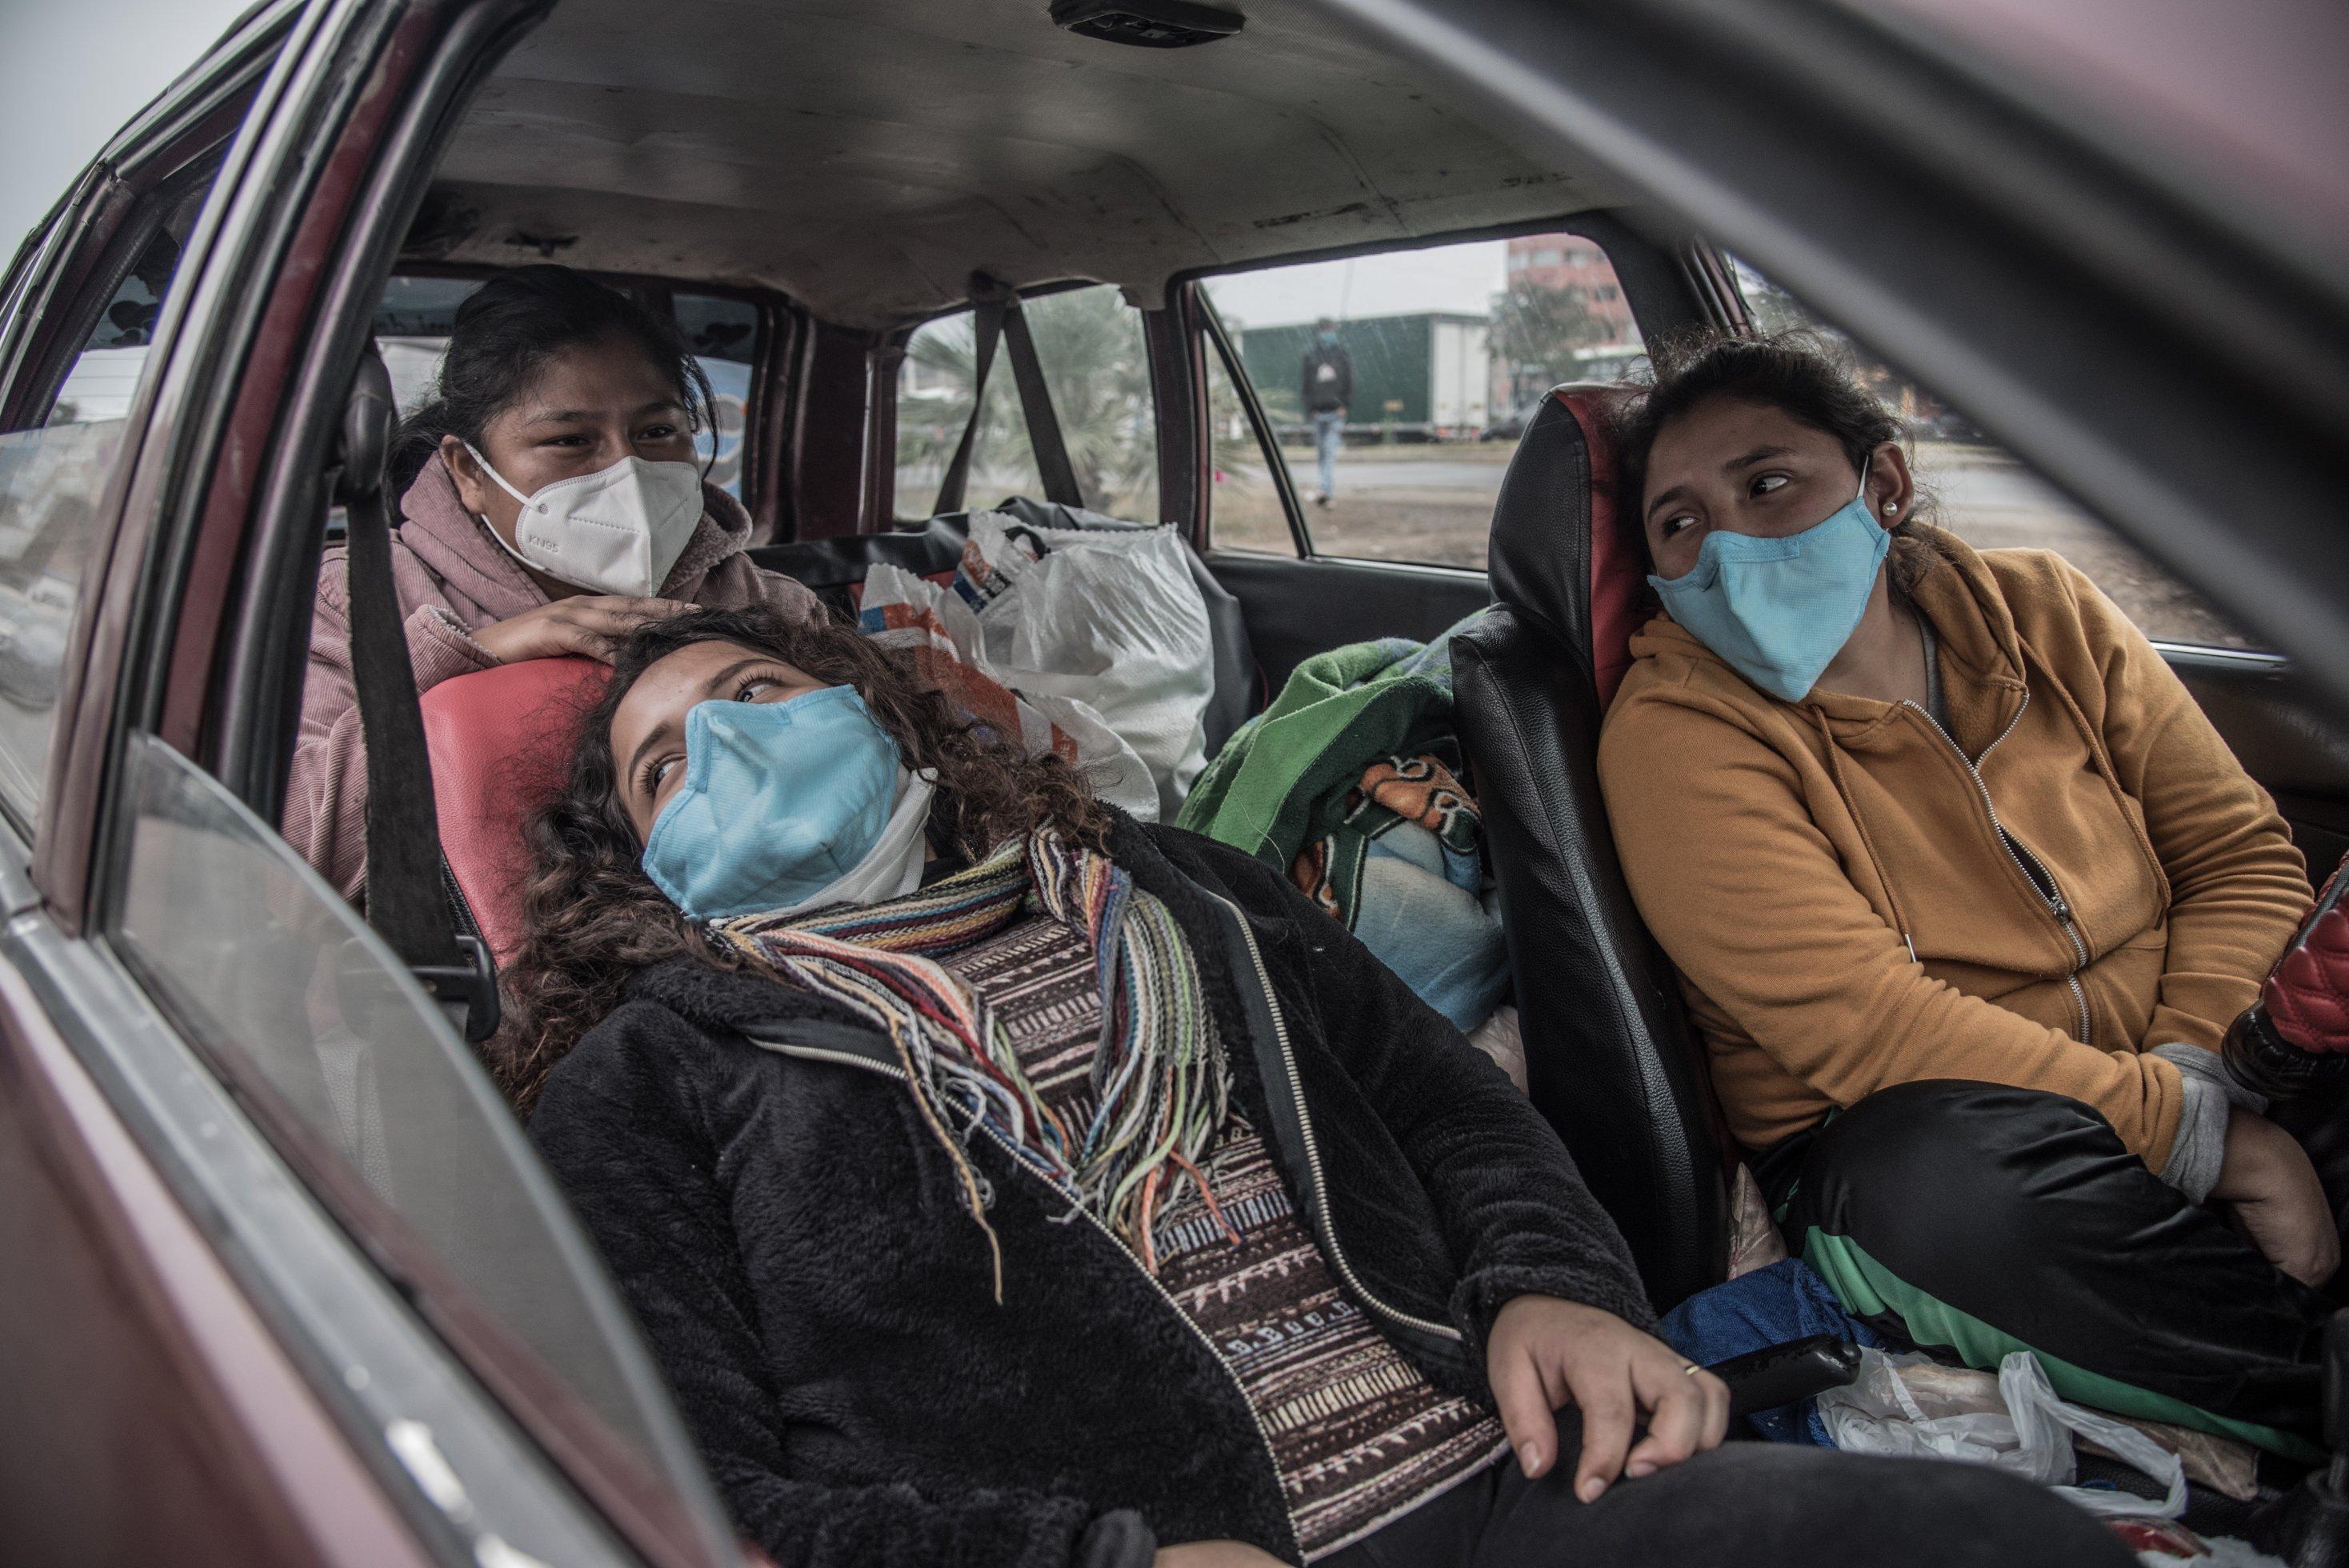 Carmen Meza und zwei Freundinnen warten im Auto darauf, dass sie an die Reihe kommen, um Sauerstoff zu kaufen.